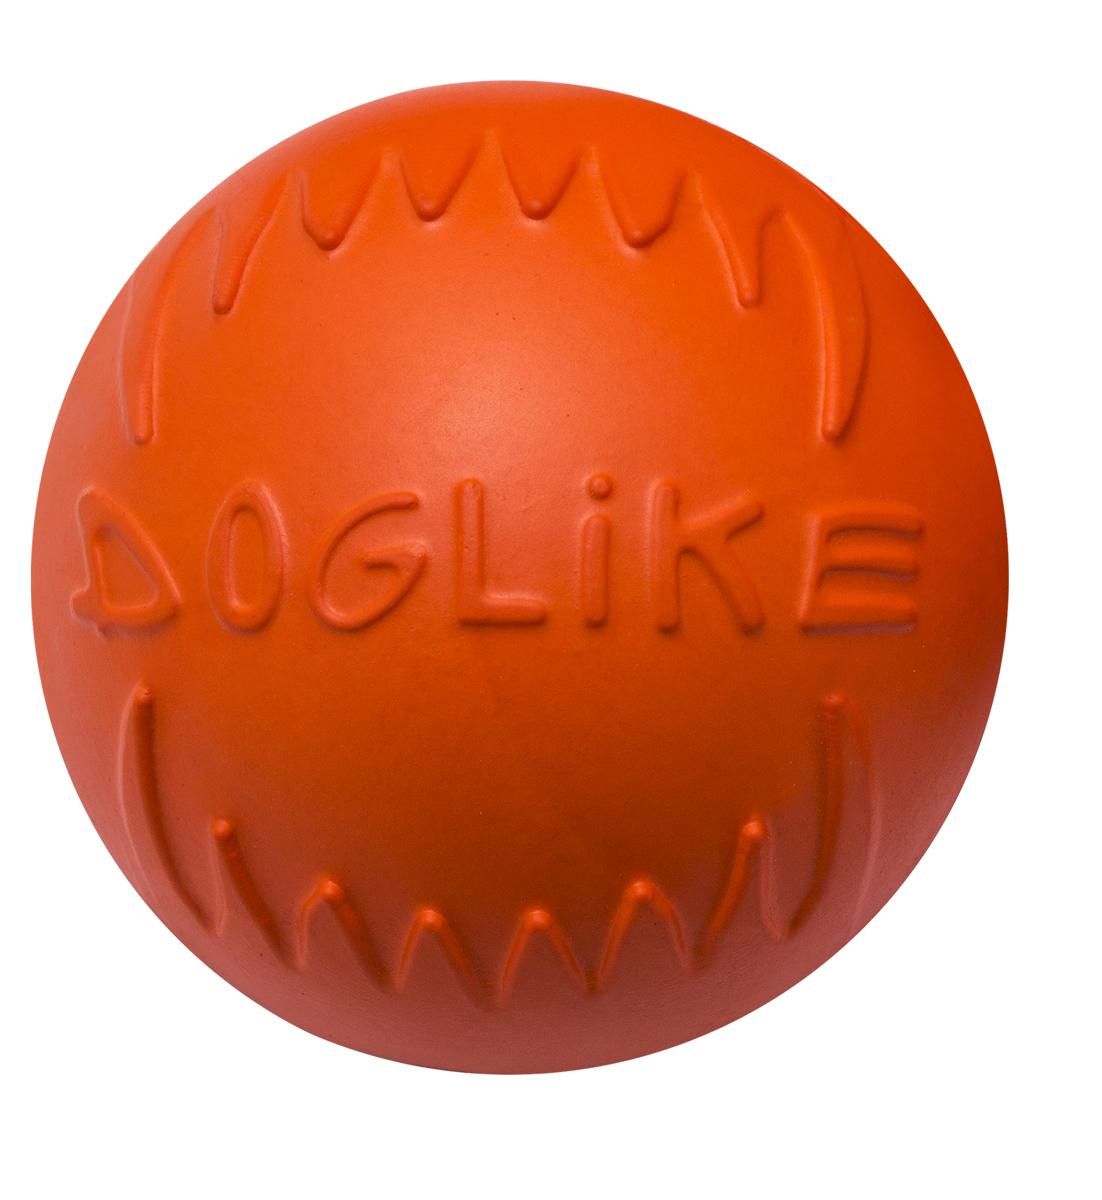 Игрушка для животных Doglike Мяч, диаметр 6,5 см0120710Сохраняет эластичность -50 +50,Усиленная формула материала,Не тонет в воде,Безопасно для зубов собаки,Экологически чистый материал,Производство Россия